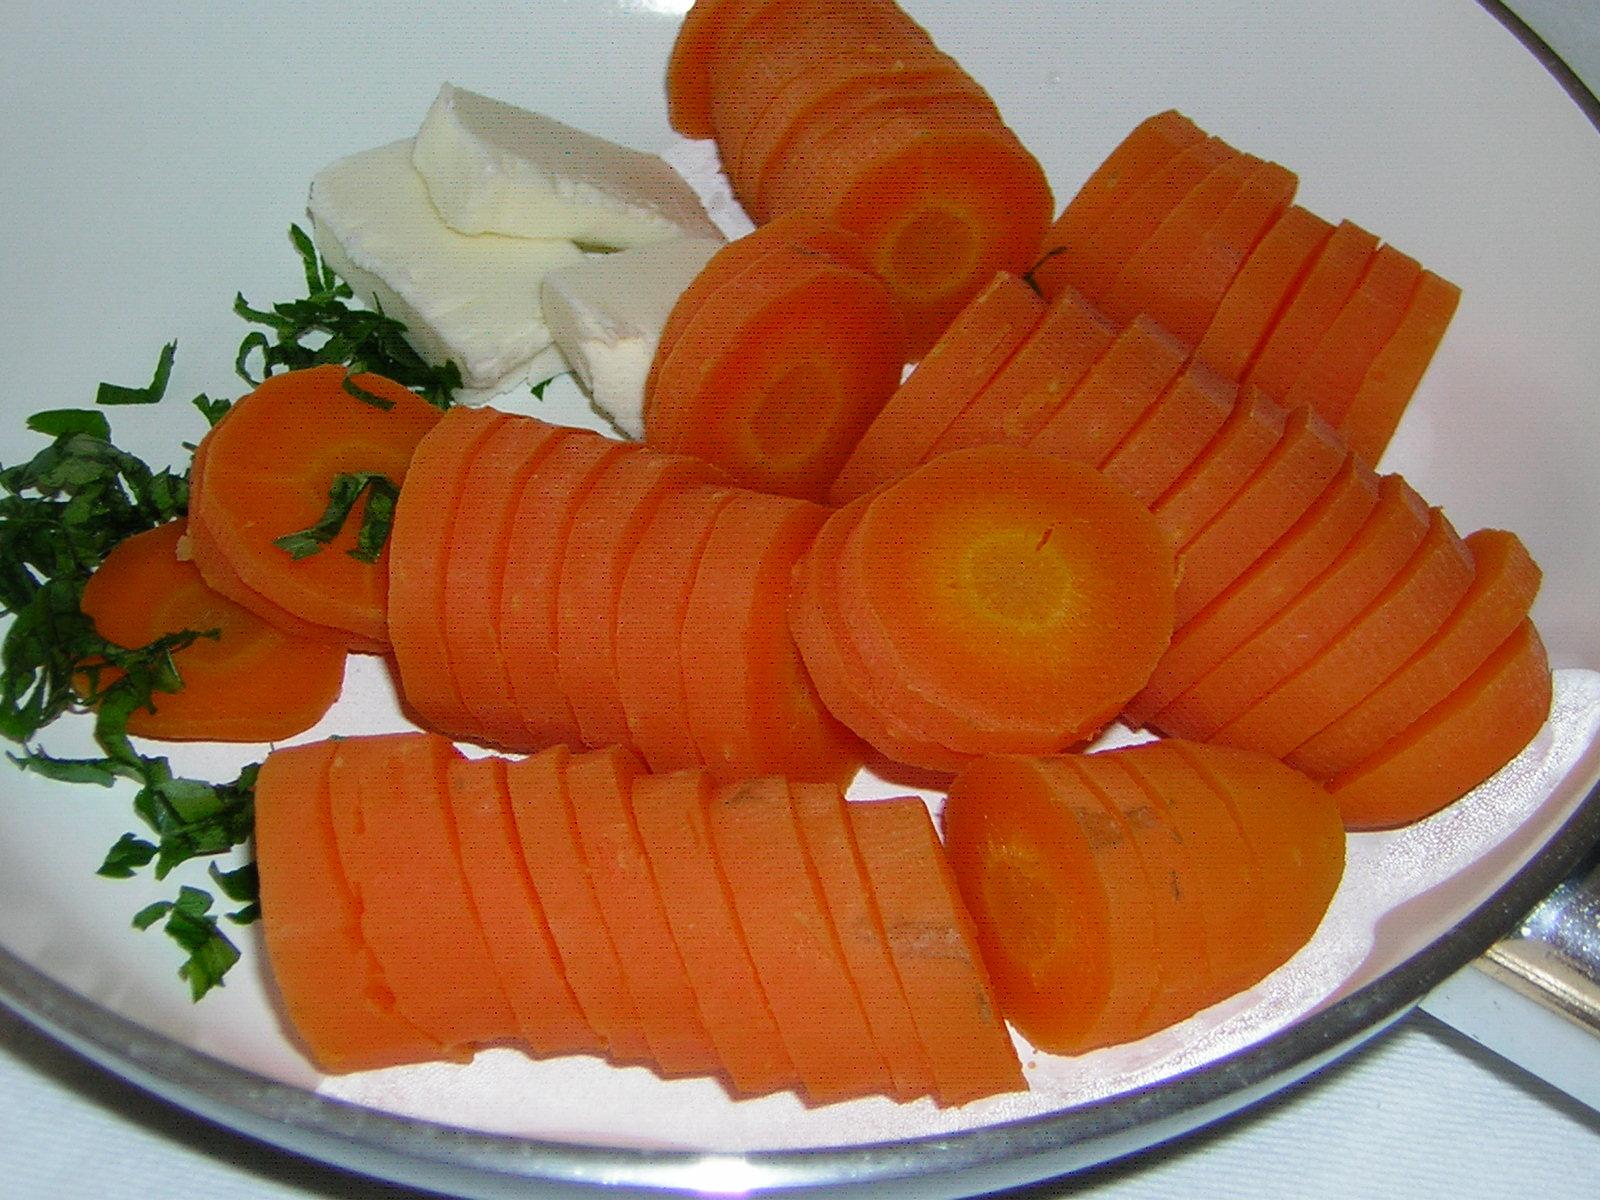 preparazione delle carote al burro